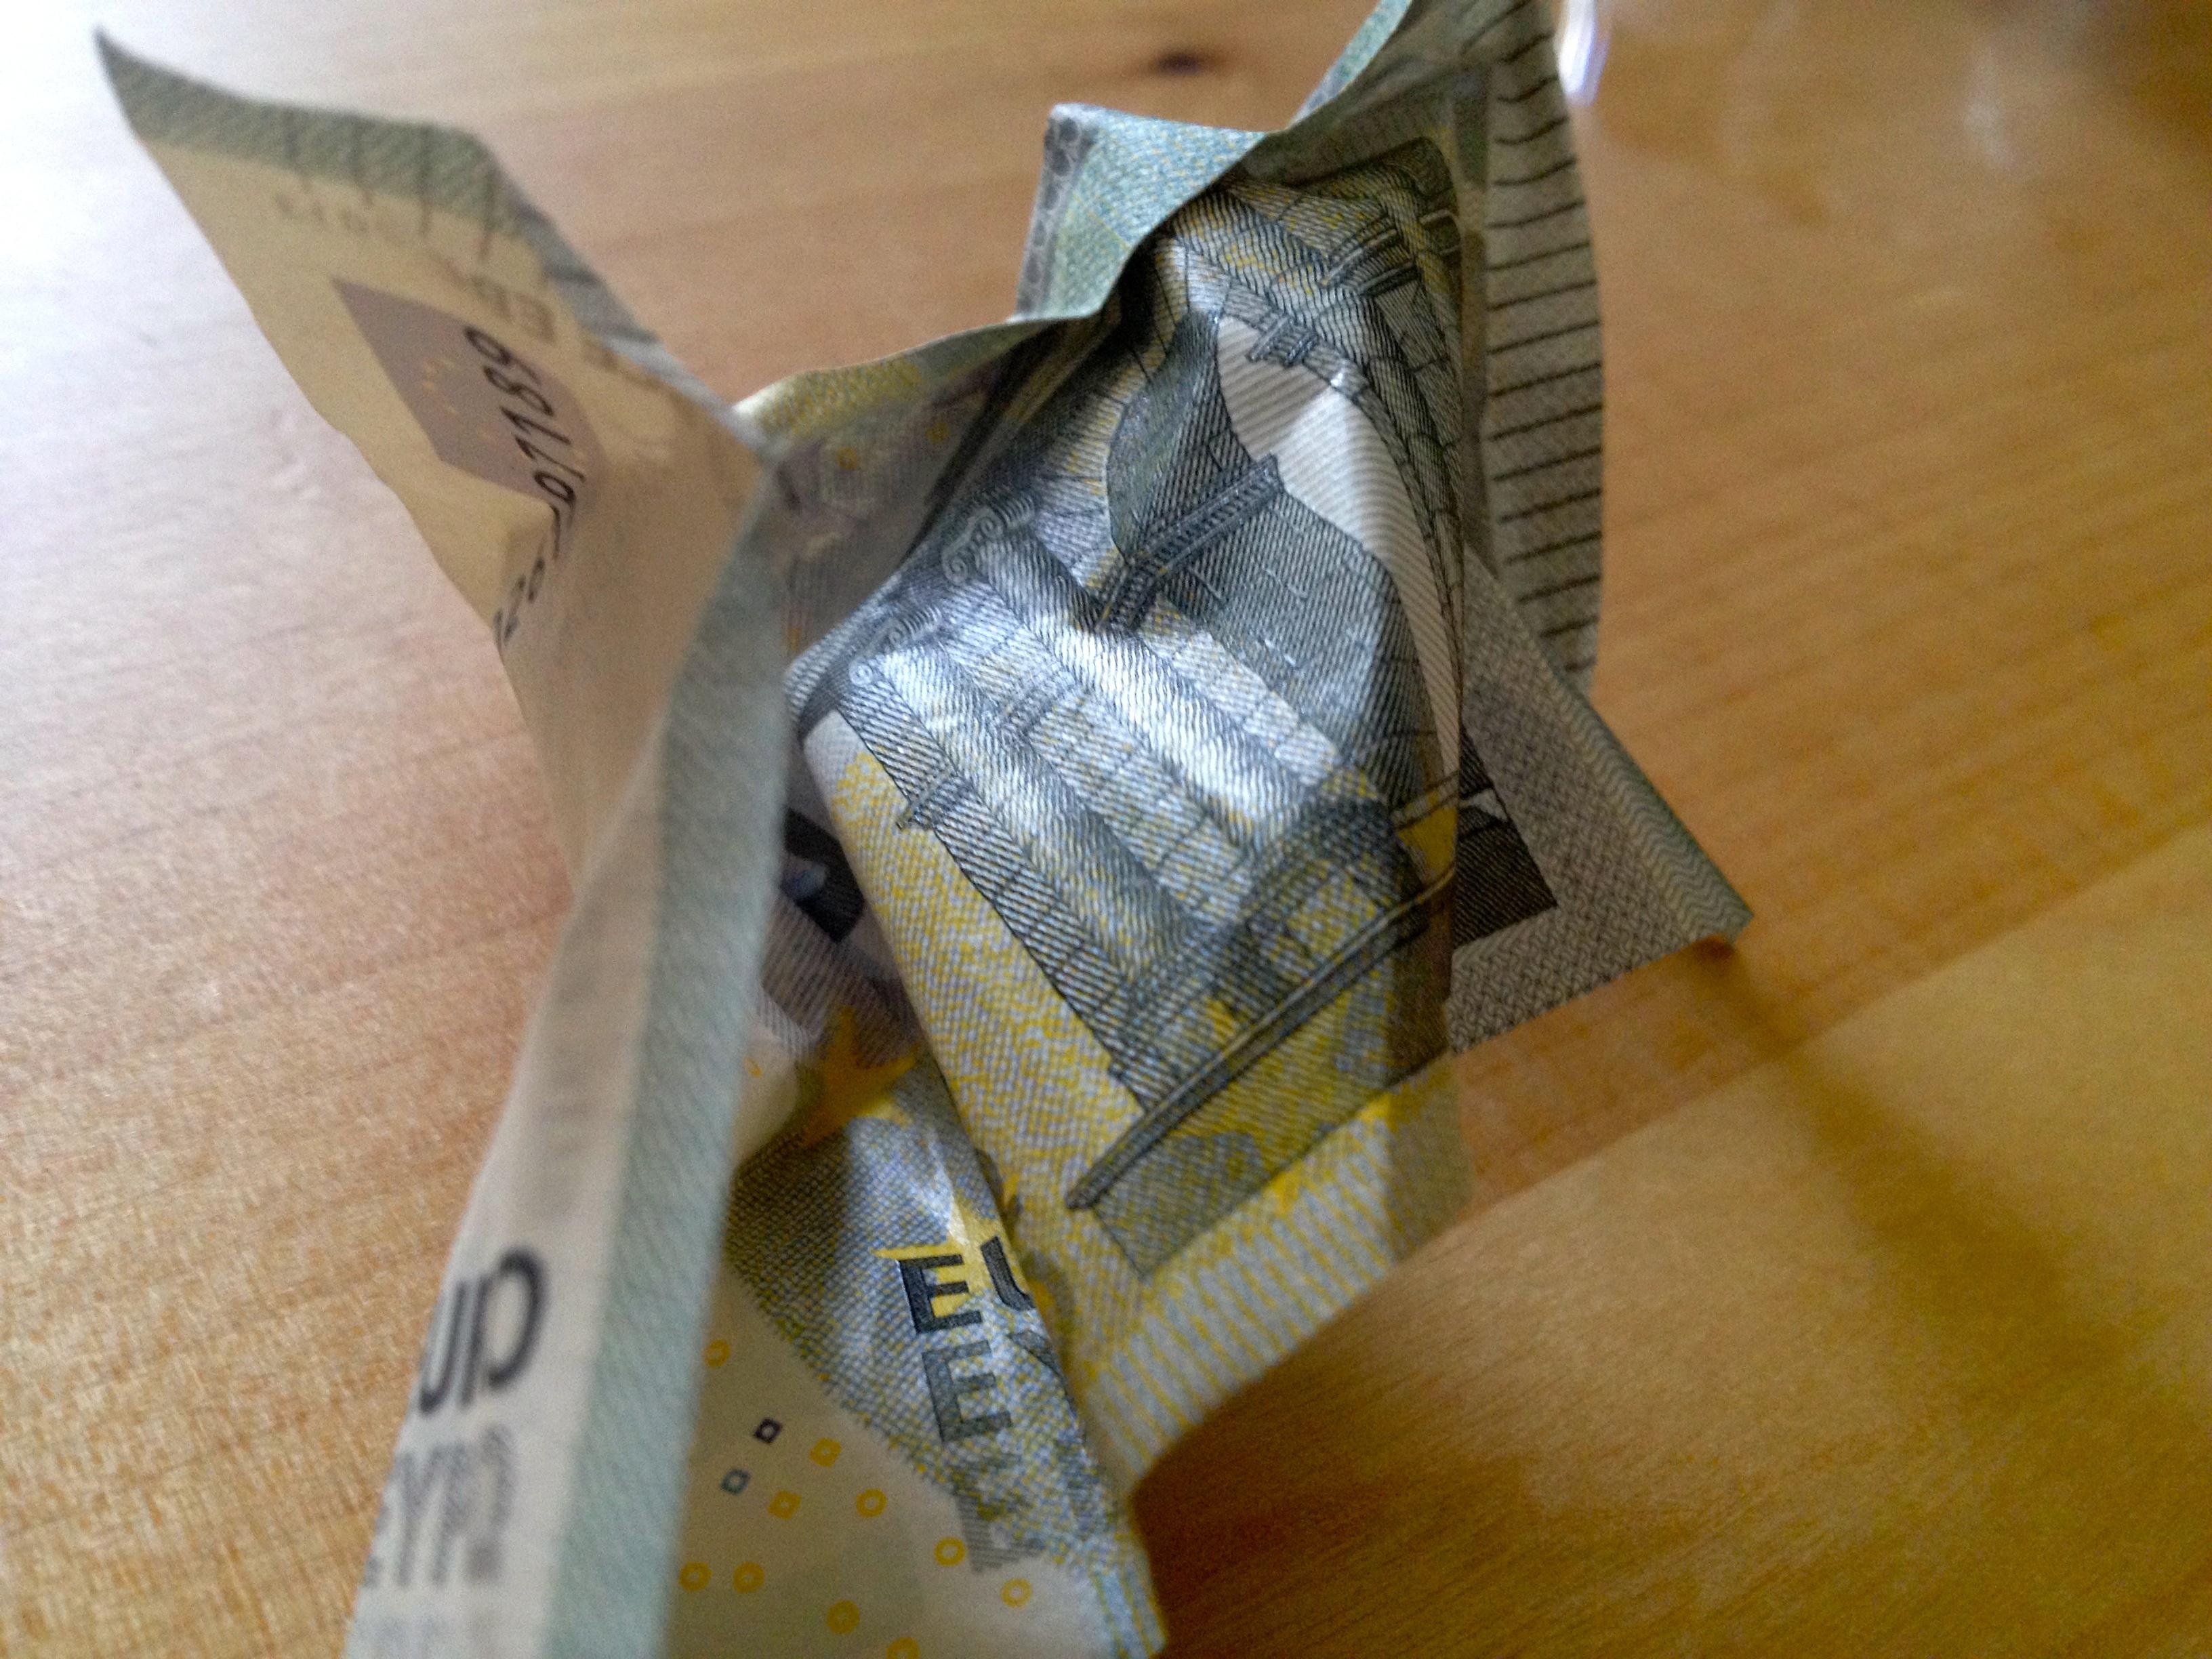 Mindestlohn für Praktikanten: Mehr als ein Taschengeld für Vollzeitarbeit. Foto: Angela Gruber